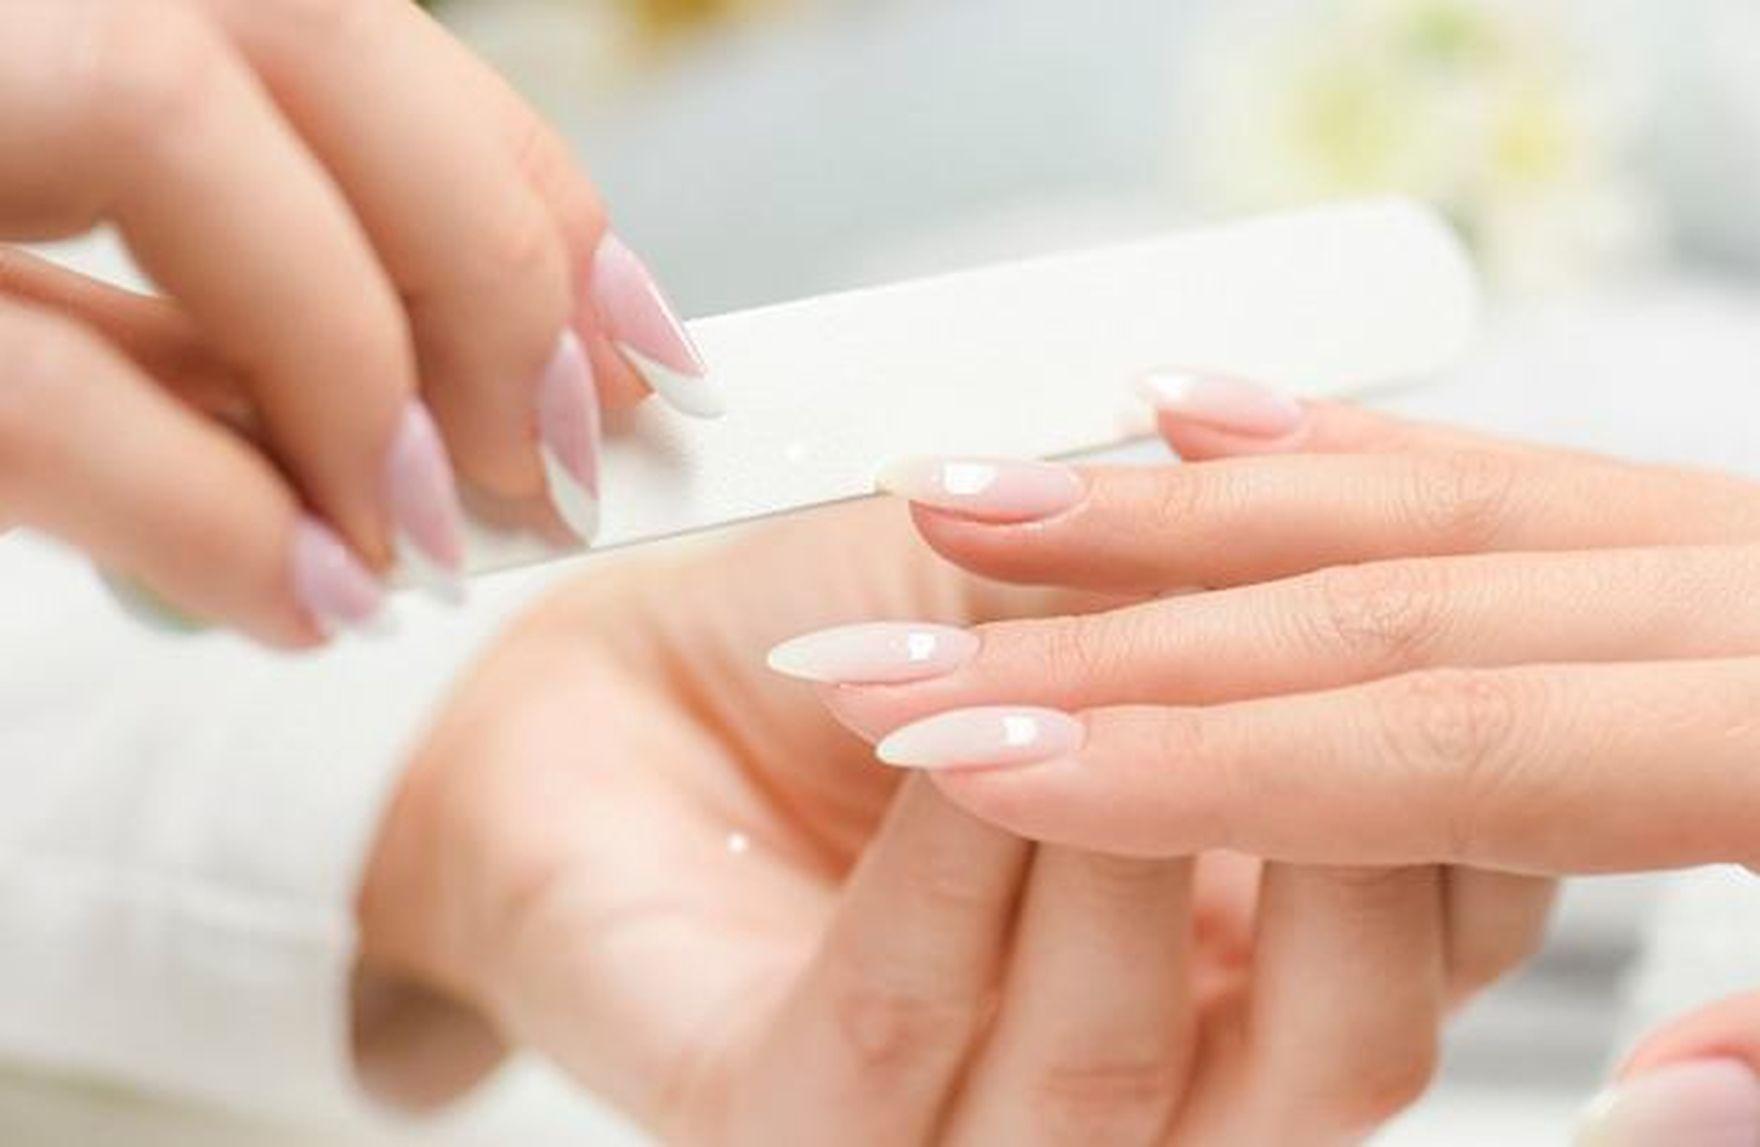 Markery do paznokci: łatwy i szybki sposób na domowy manicure